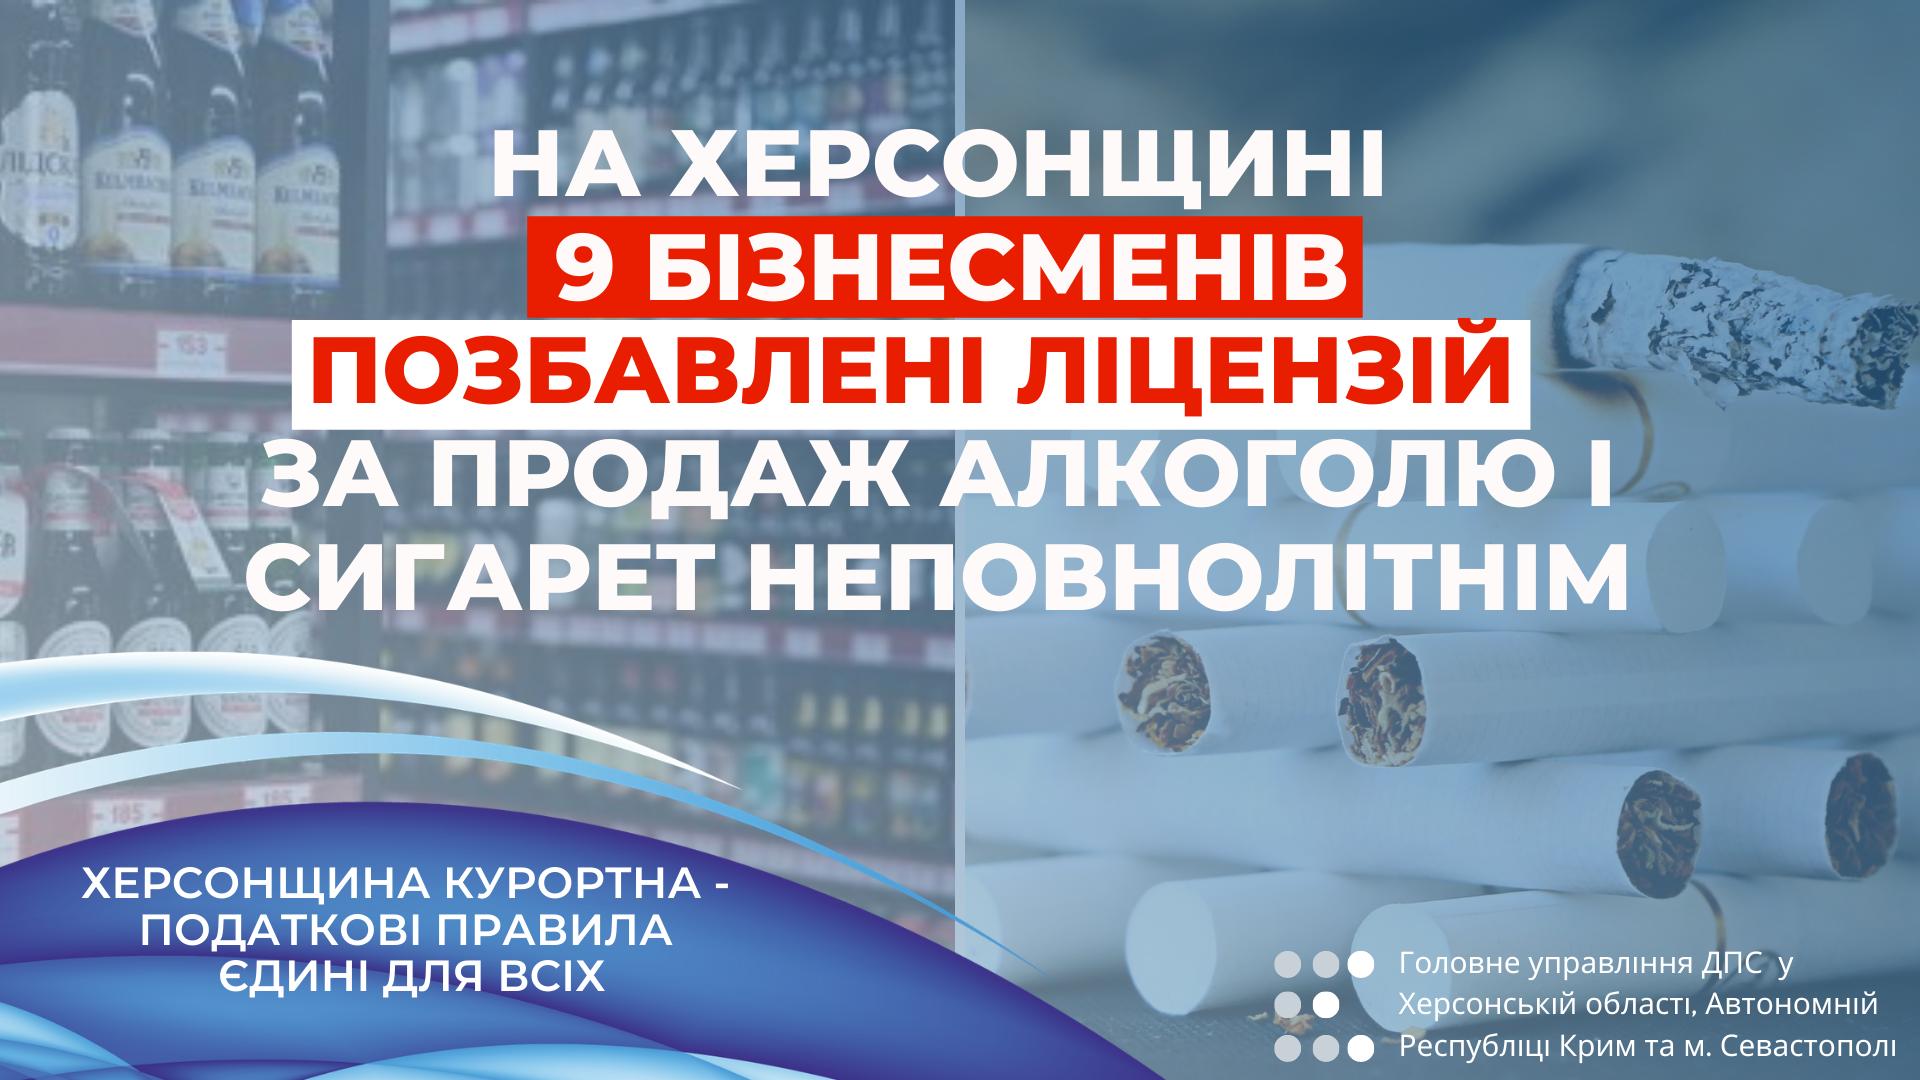 На Херсонщине 9 бизнесменов наказаны за продажу алкоголя и сигарет несовершеннолетним